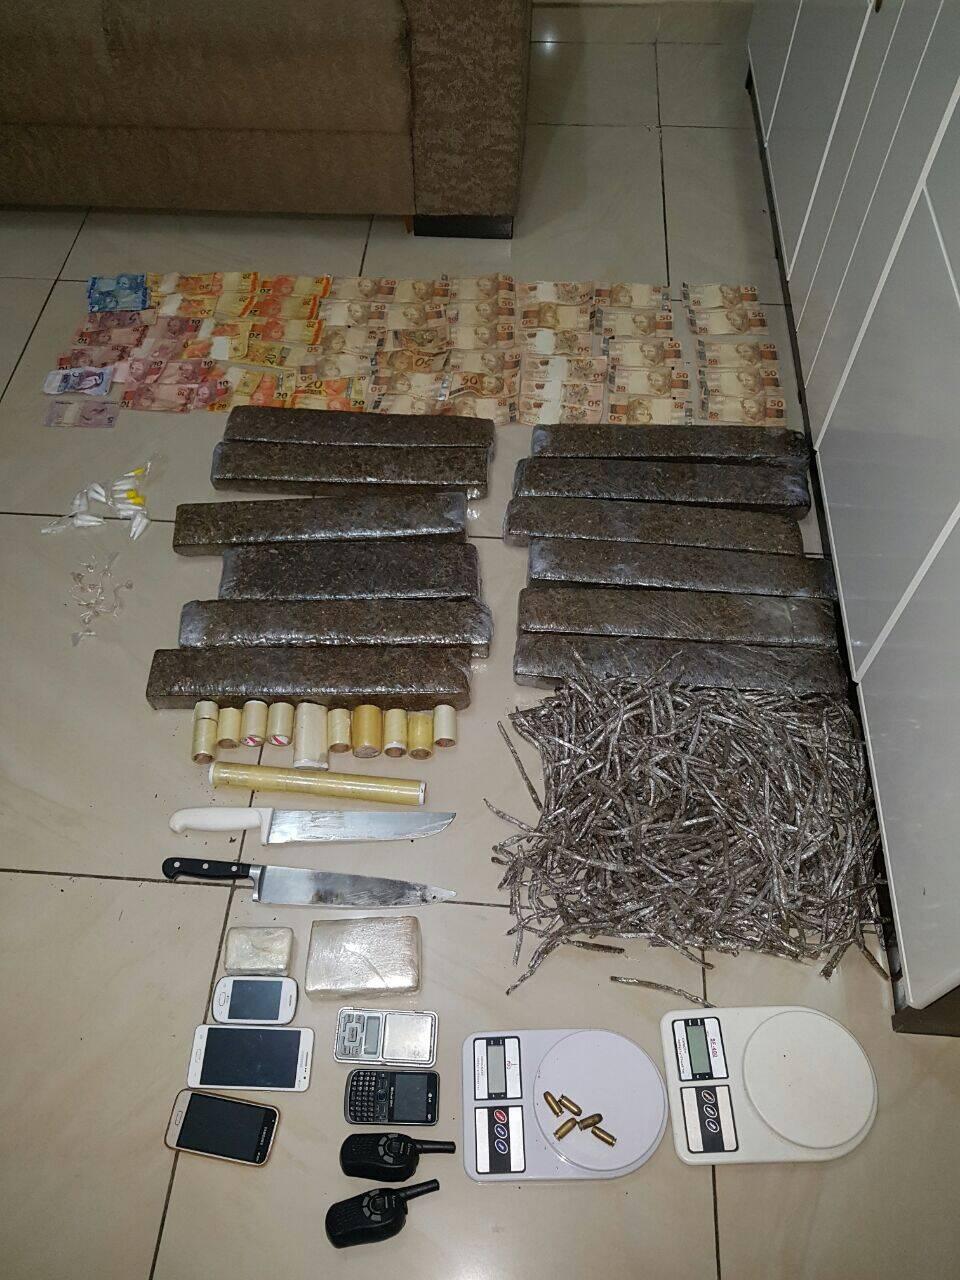 Operação em São Vicente: Apreensão de tijolos de centenas de papelotes de maconha, dinheiro, celulares e balanças de precisão. Foto: PM Divulgação